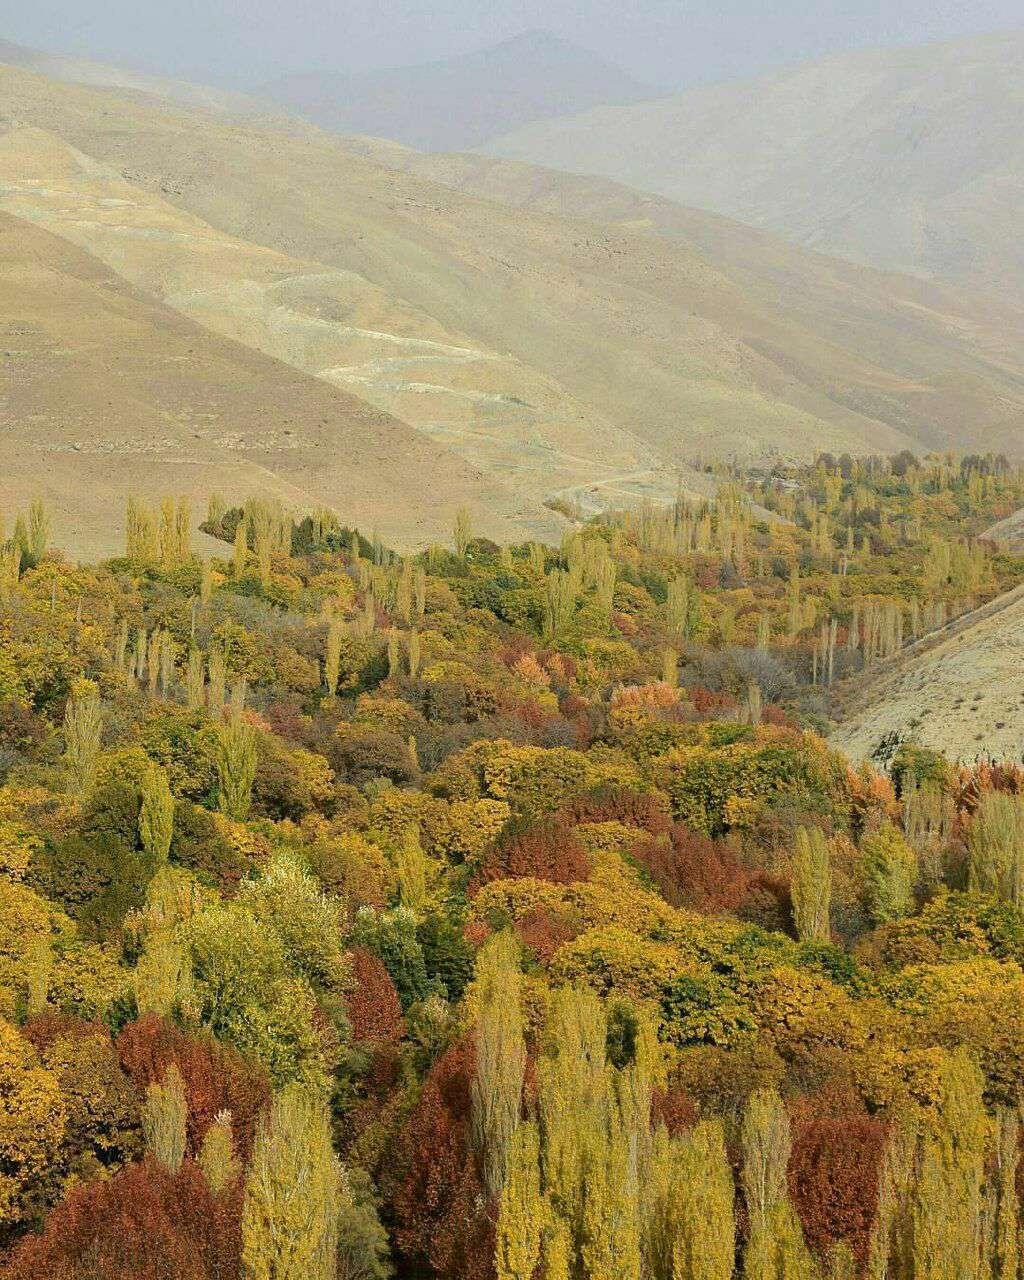 دهستان برغان